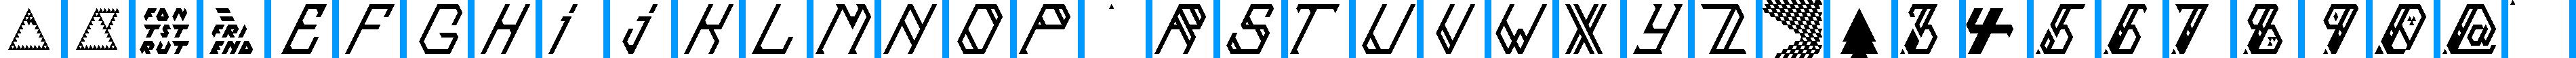 Particip-a-type v.329